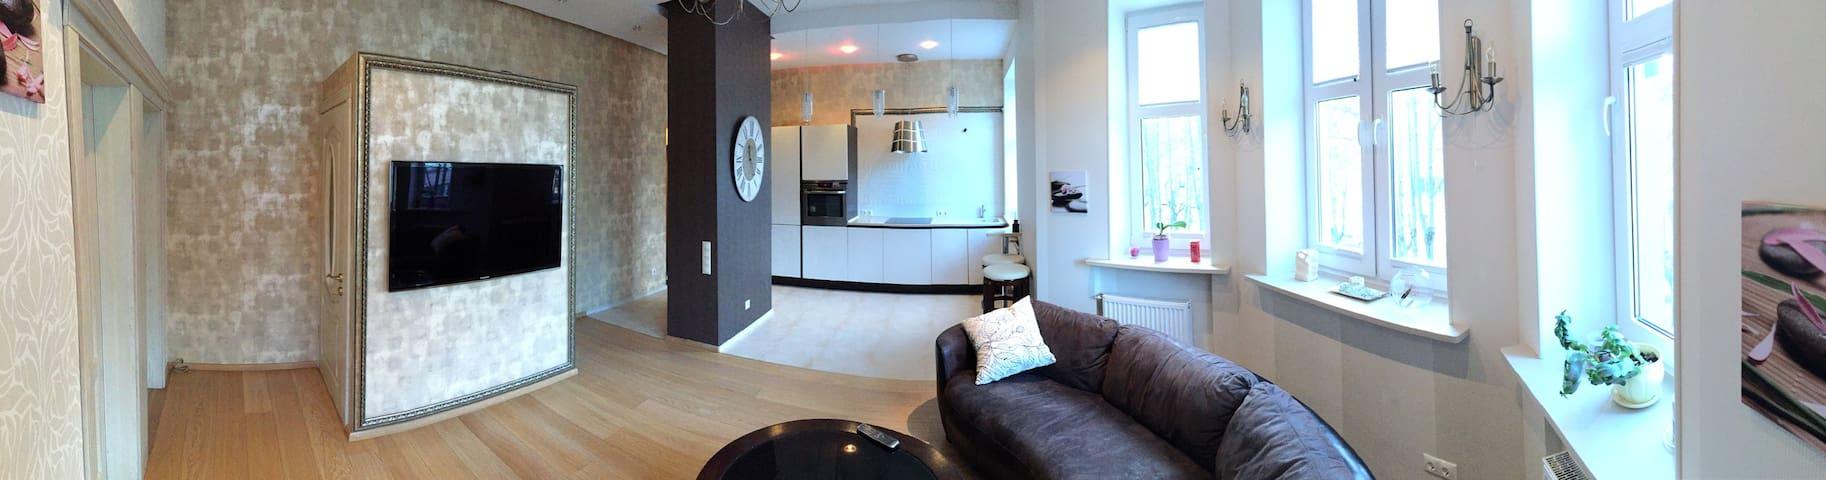 Neries Apartments - Klaipėda - Lägenhet